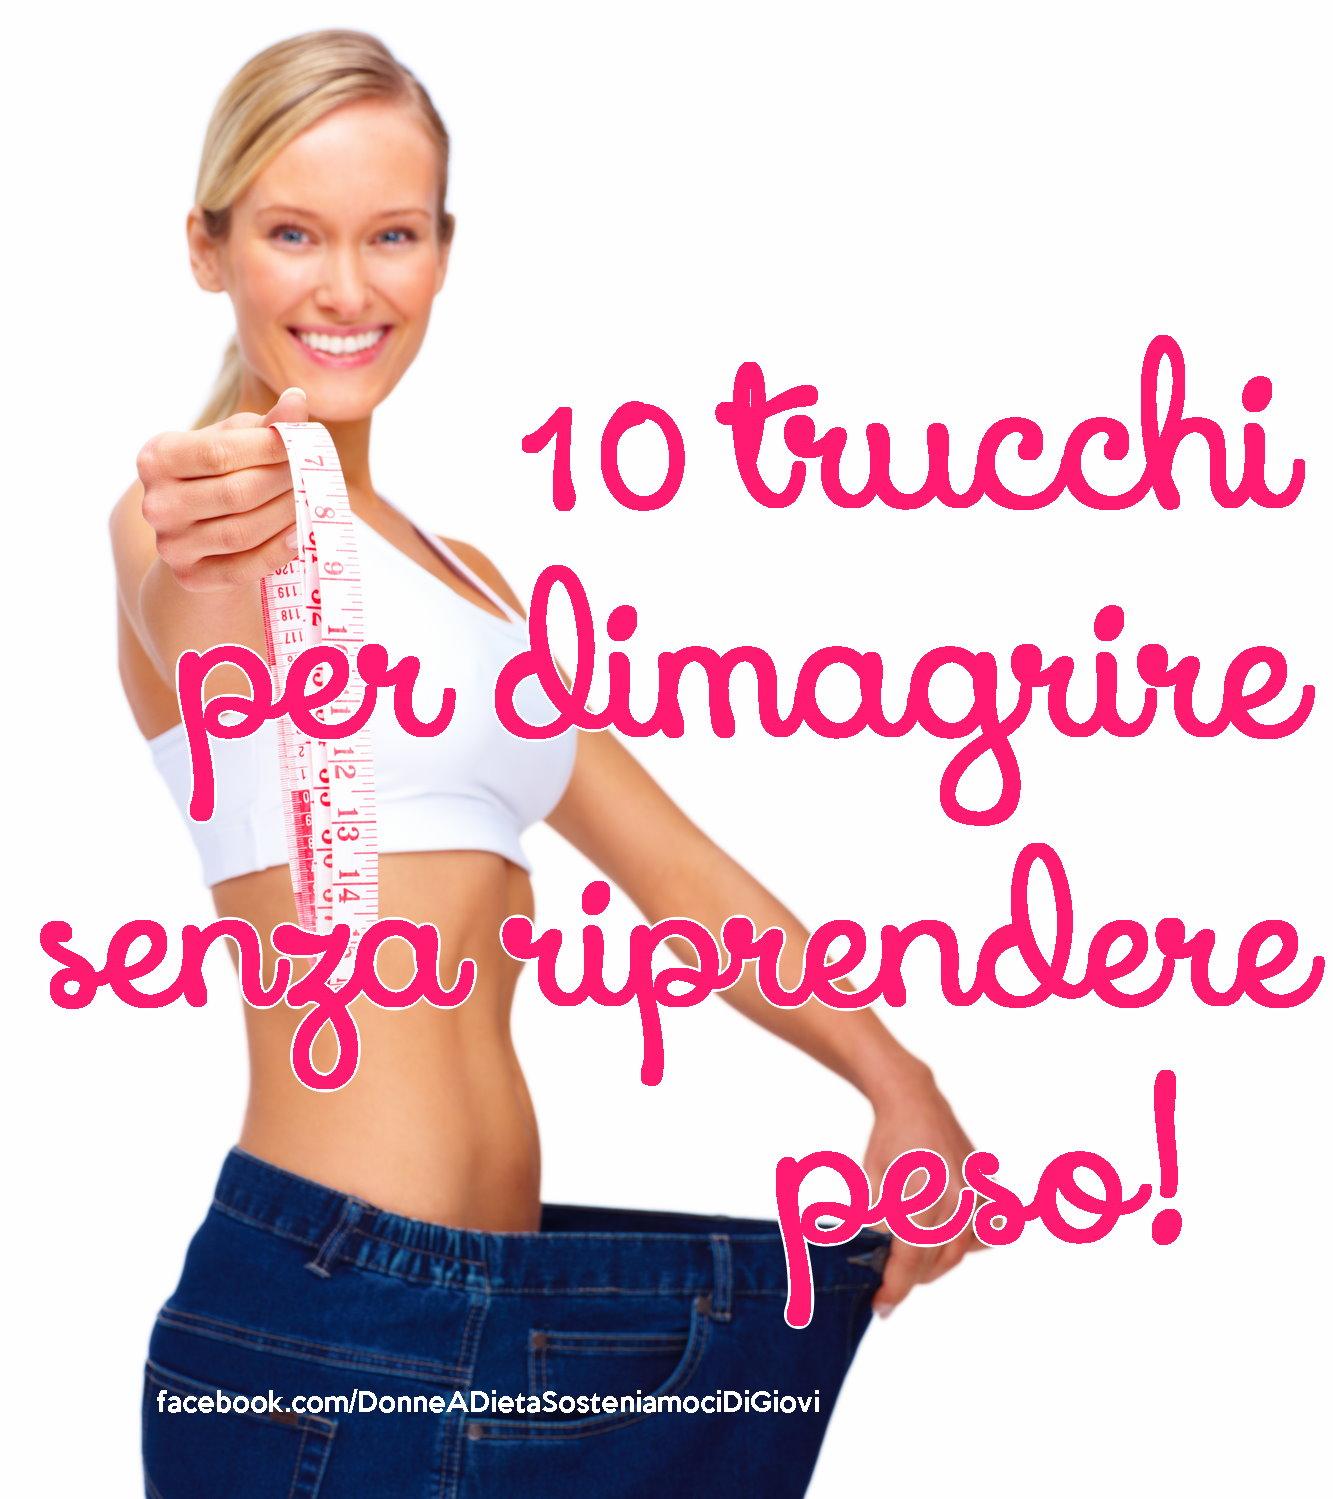 10 trucchi per perdere peso senza dieta